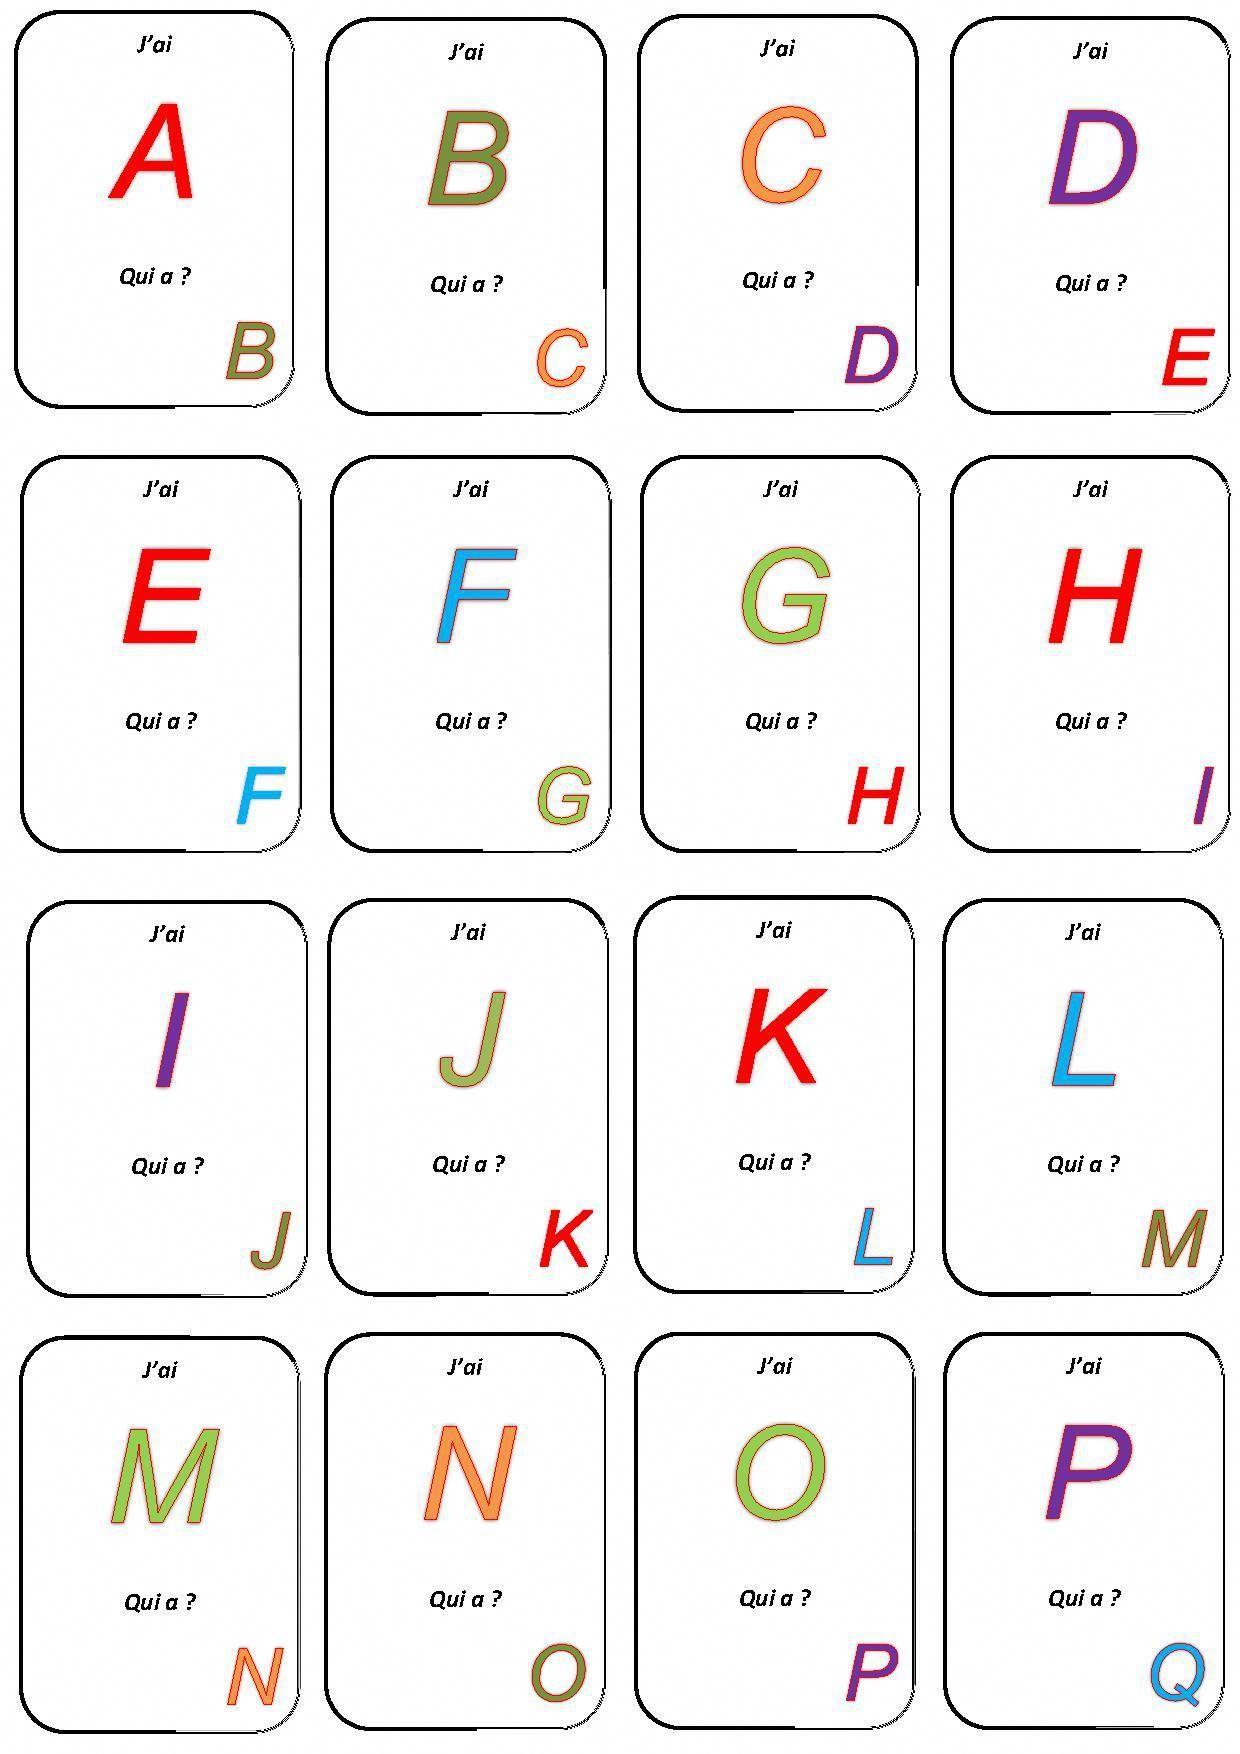 """Jeu """"j'ai Qui A?"""" - La Maternelle De Camille destiné J Apprend L Alphabet Maternelle"""